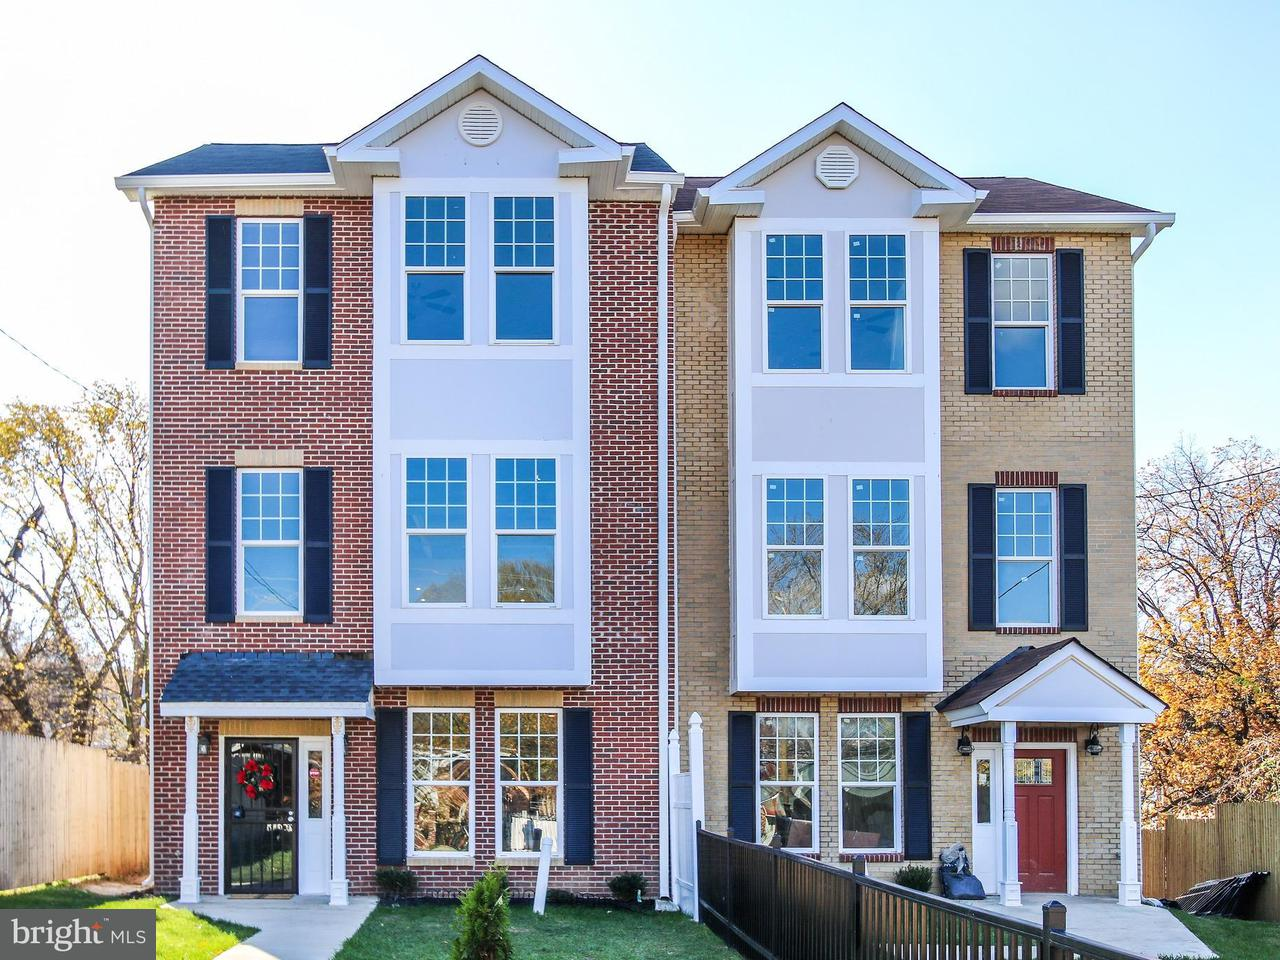 联栋屋 为 销售 在 5111 Lee St Ne 5111 Lee St Ne 华盛顿市, 哥伦比亚特区 20019 美国